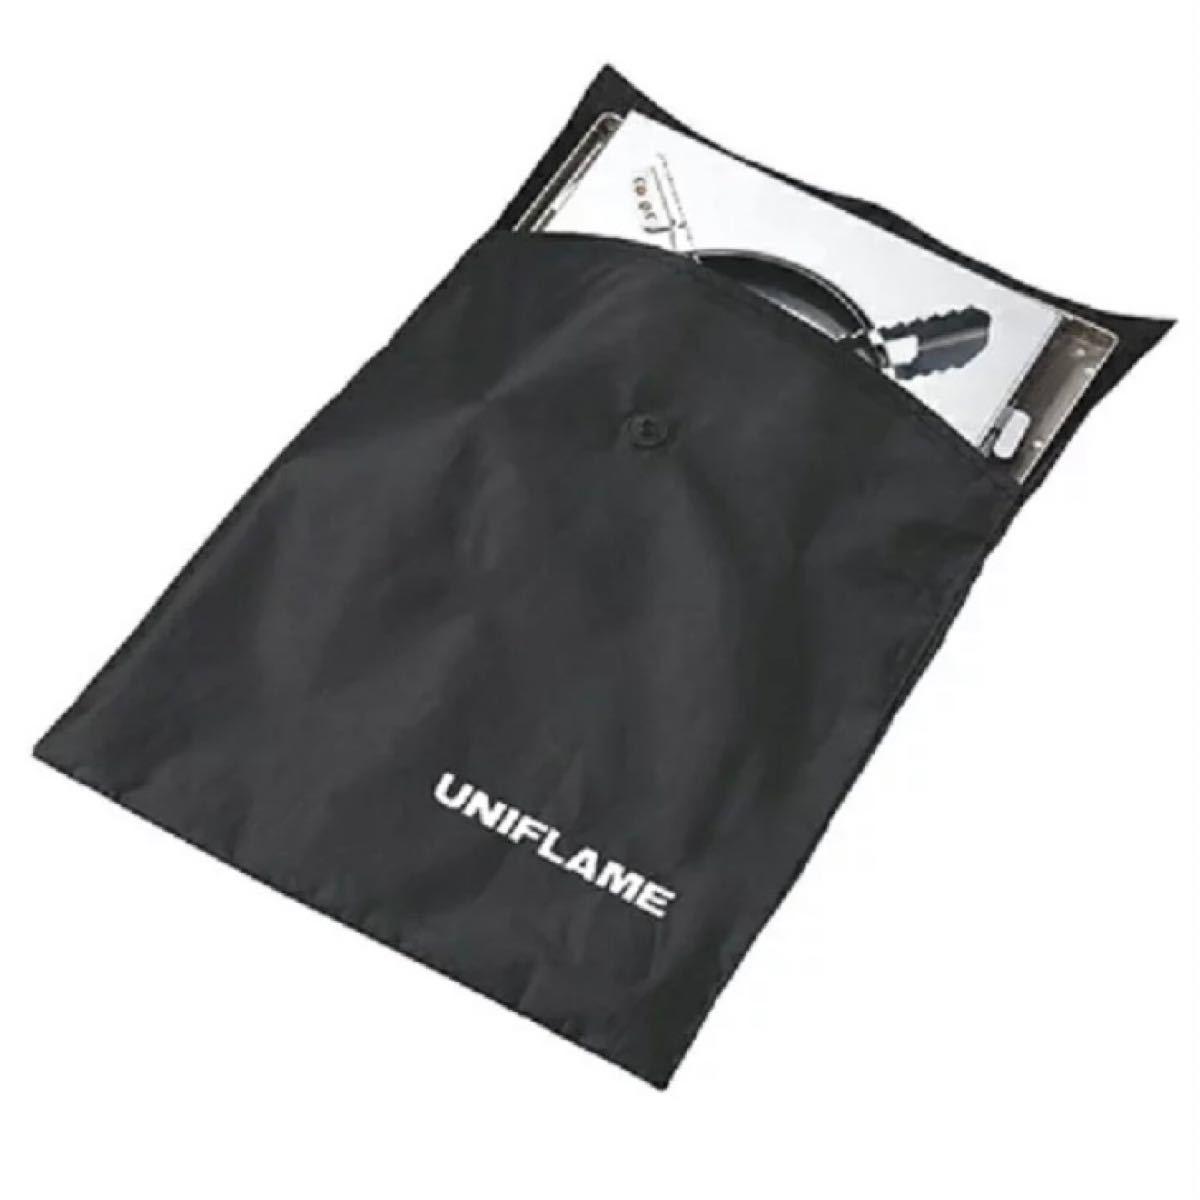 【値下げ中】ネイチャーストーブ ラージ 682982 ユニフレーム UNIFLAME 焚き火台